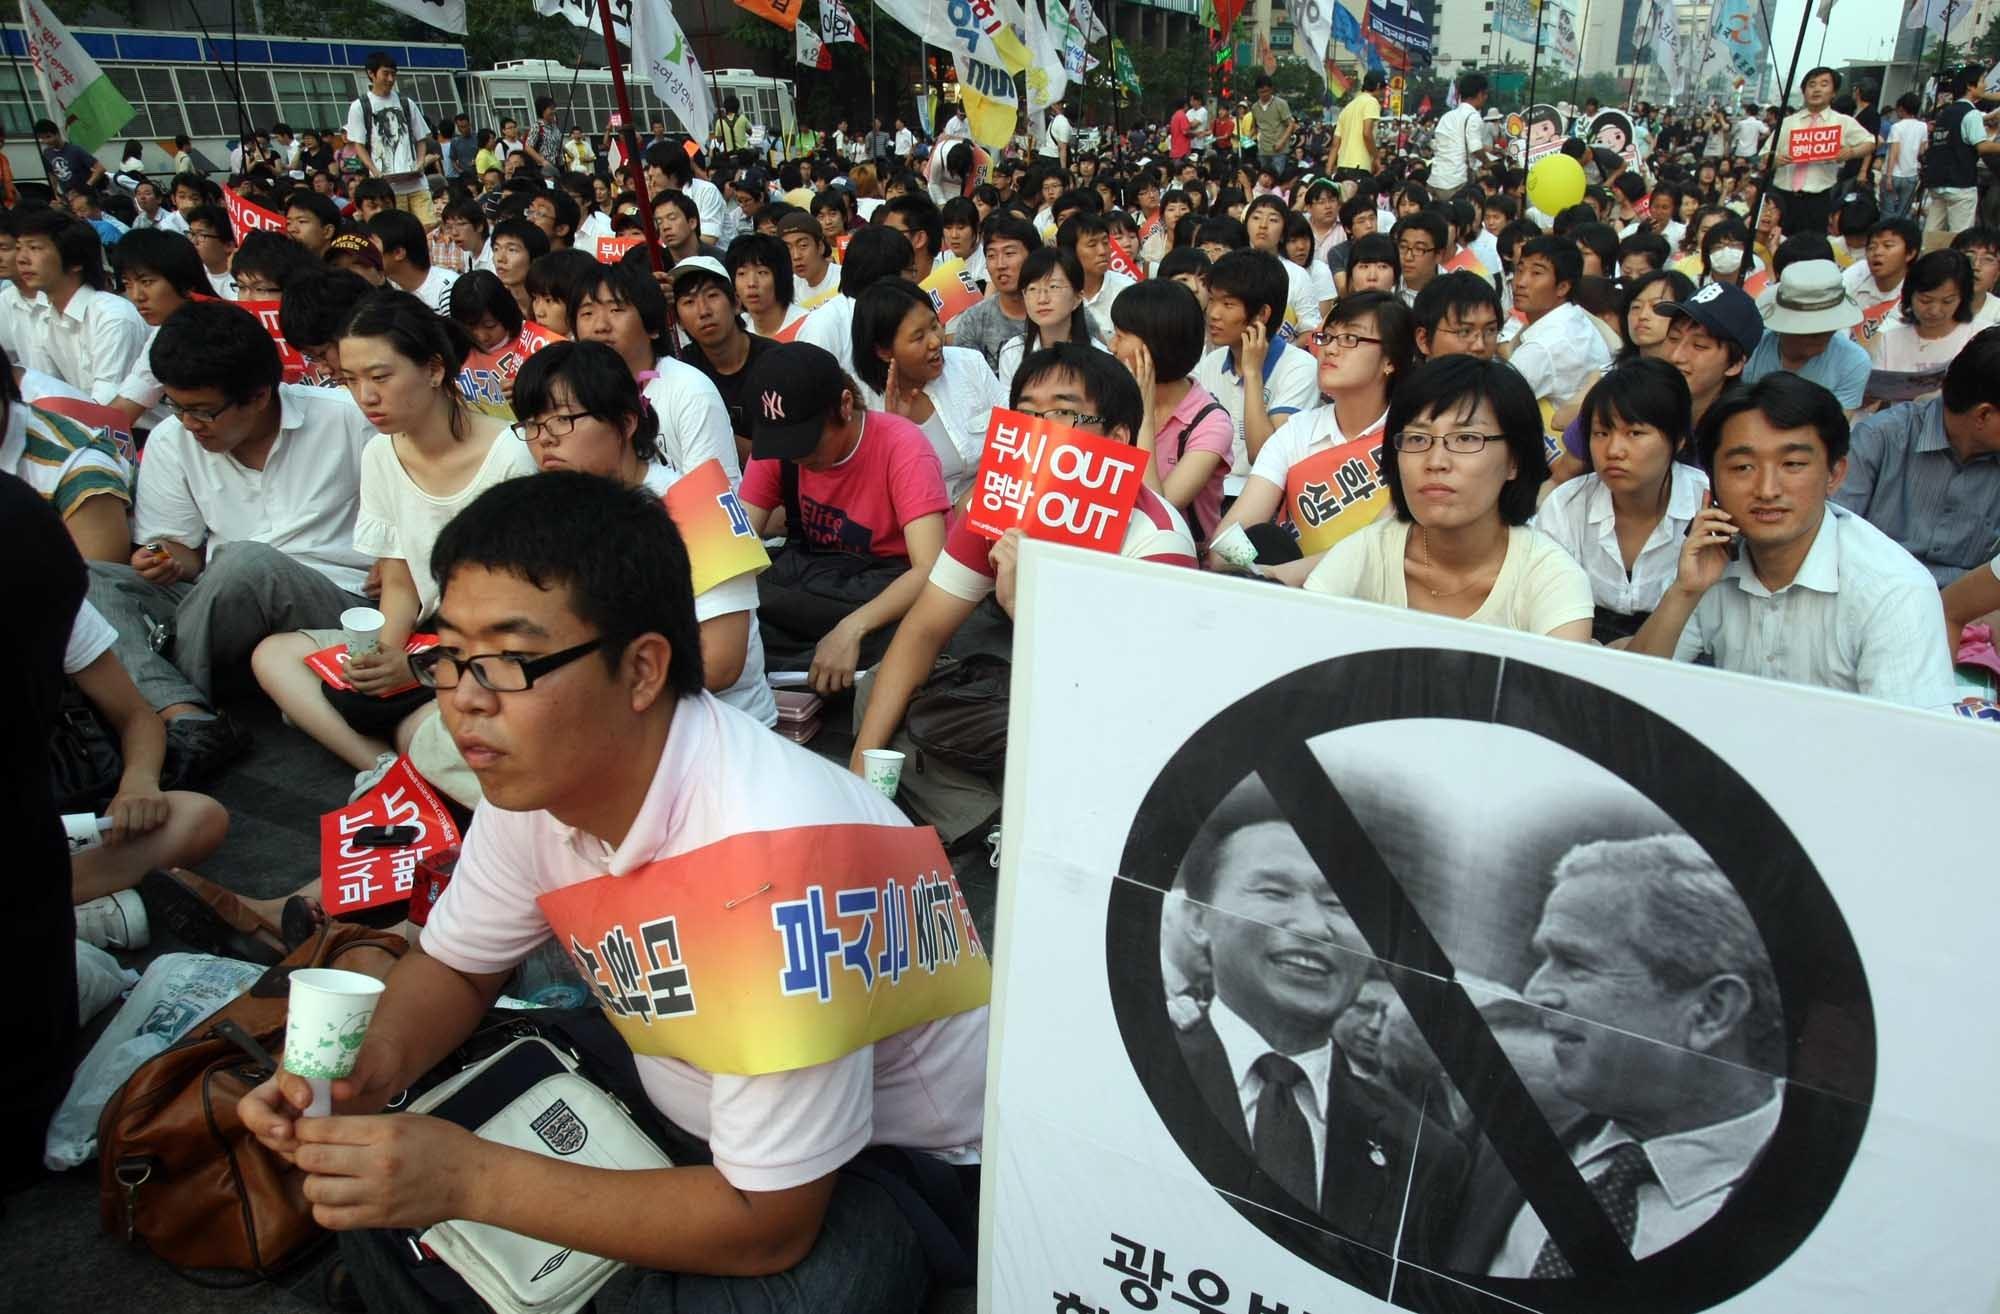 2008년, 아들 부시(George W. Bush) 미국 대통령이 서울을 왔을 때 광우병국민대책회의 등 진보단체들이 주최한 방한 반대 집회 모습. [중앙포토]